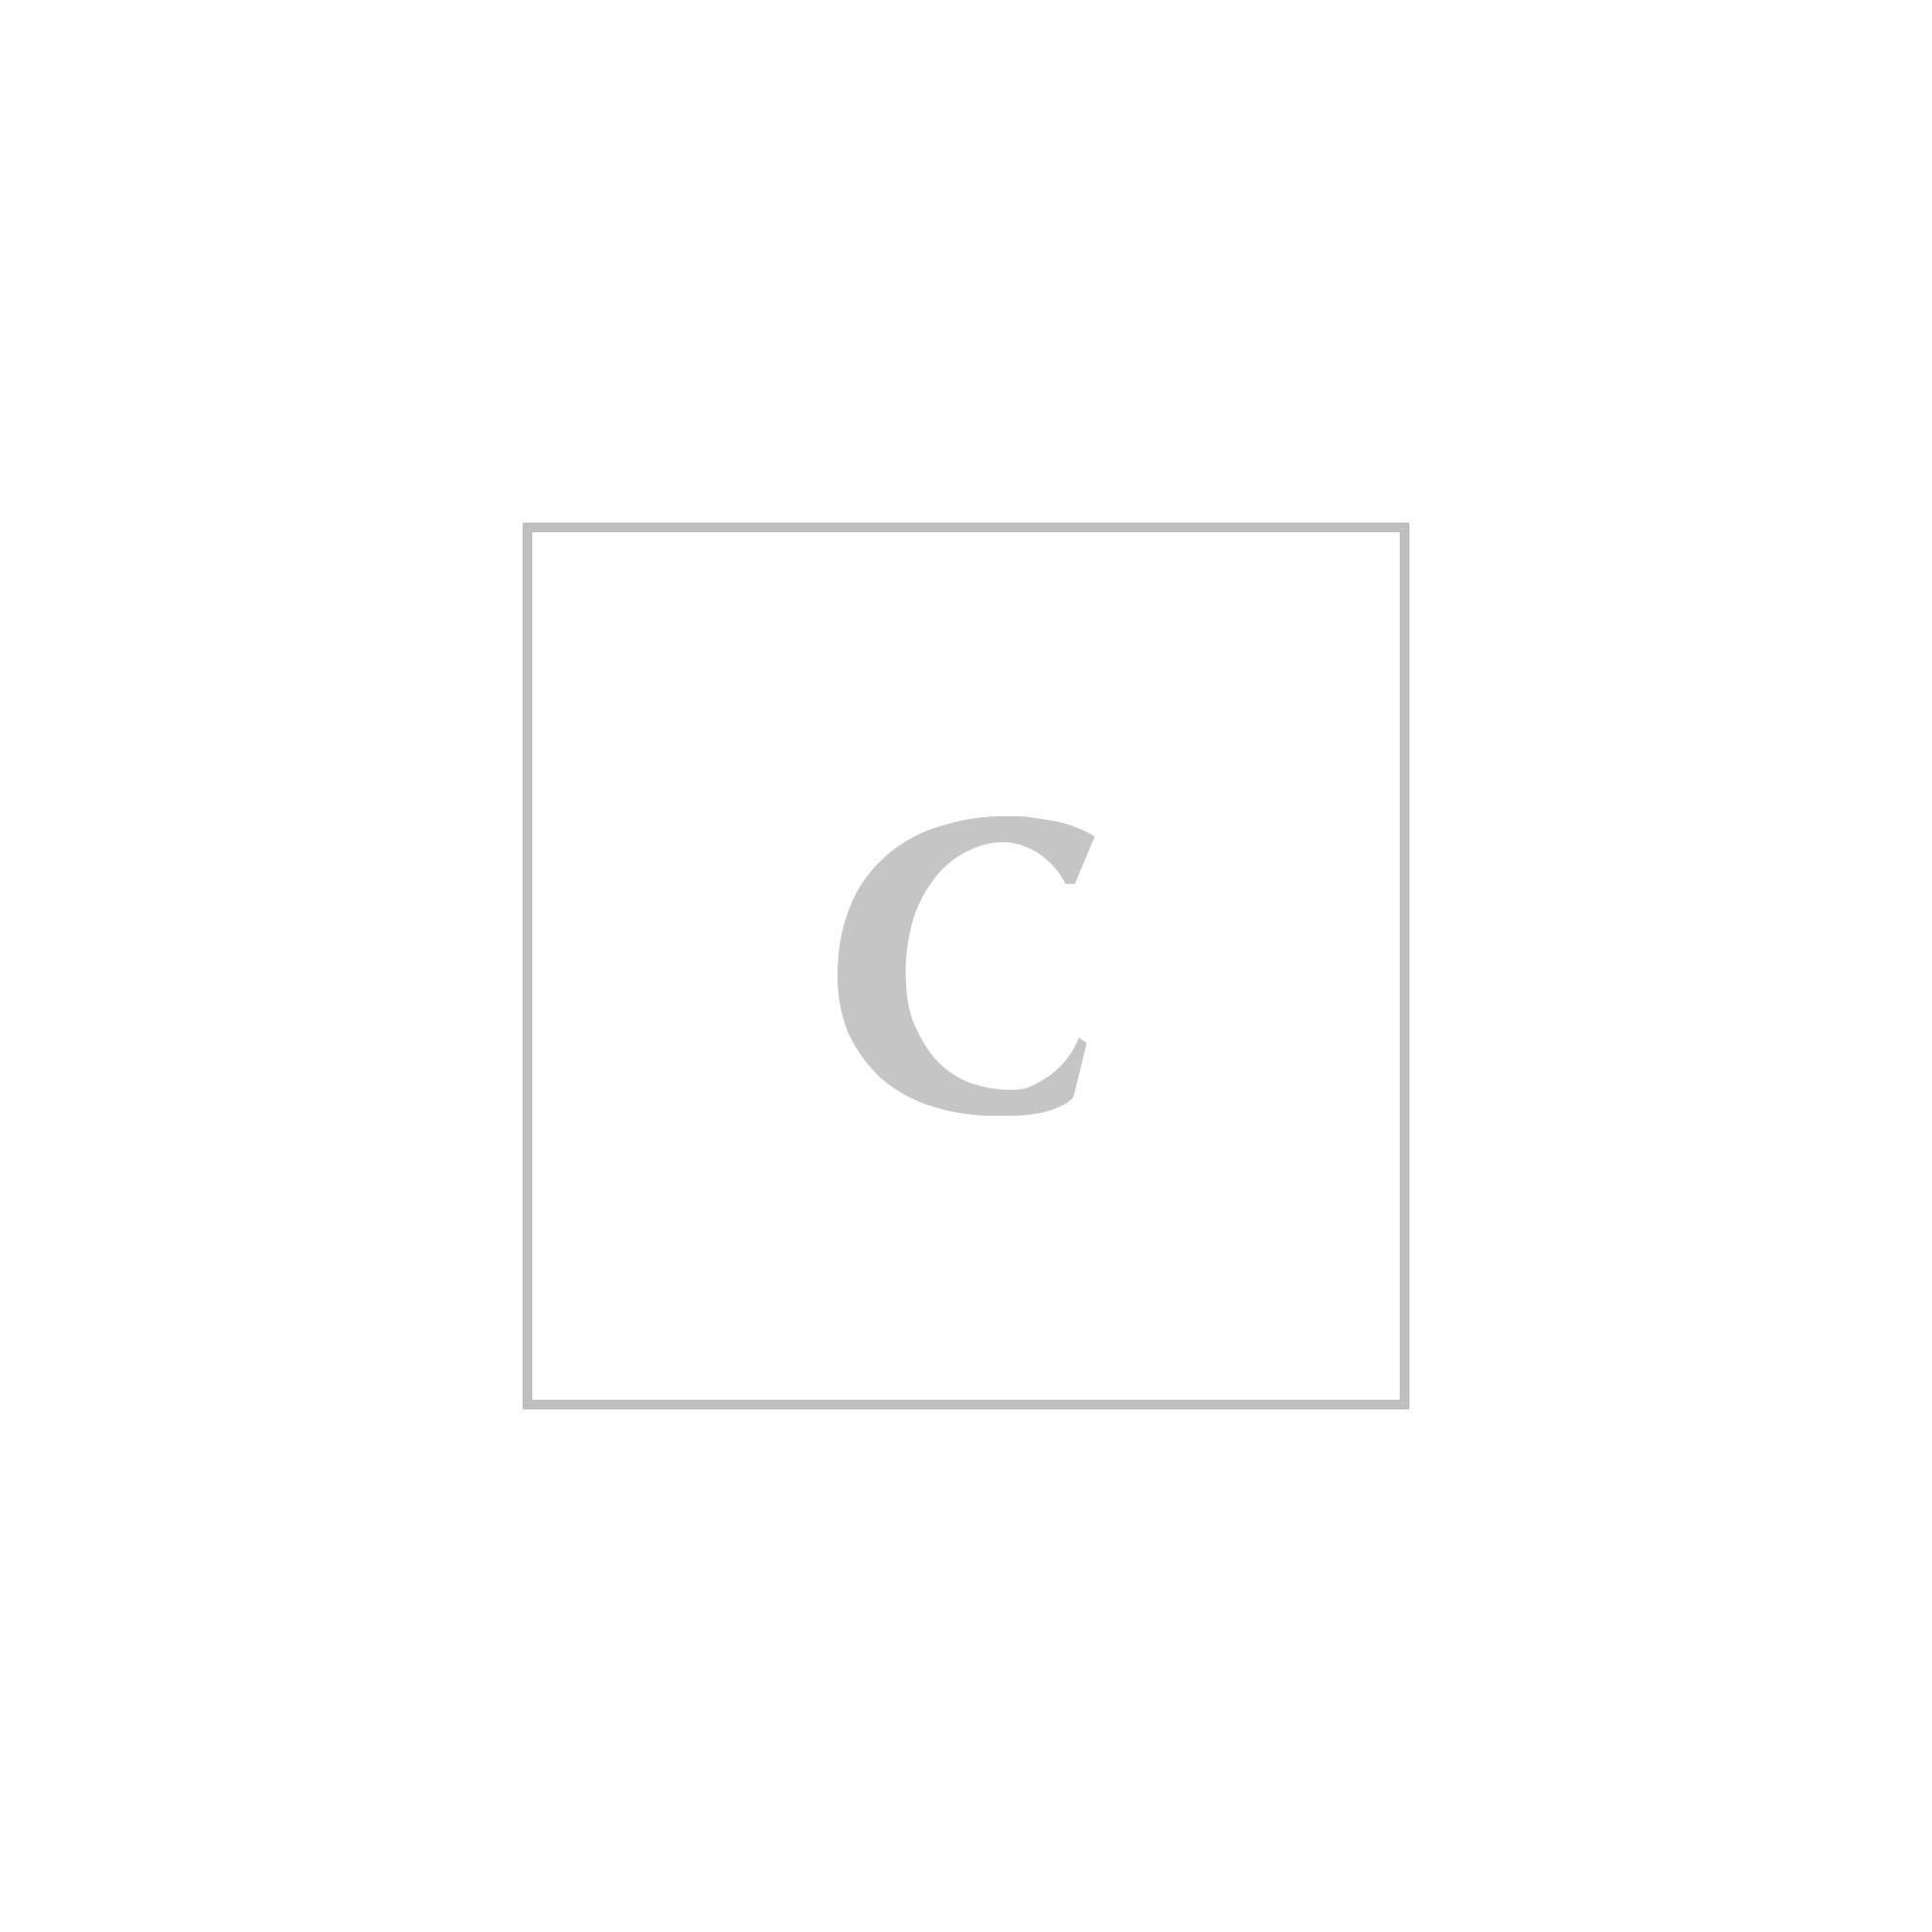 Moncler giubbotto gerboise